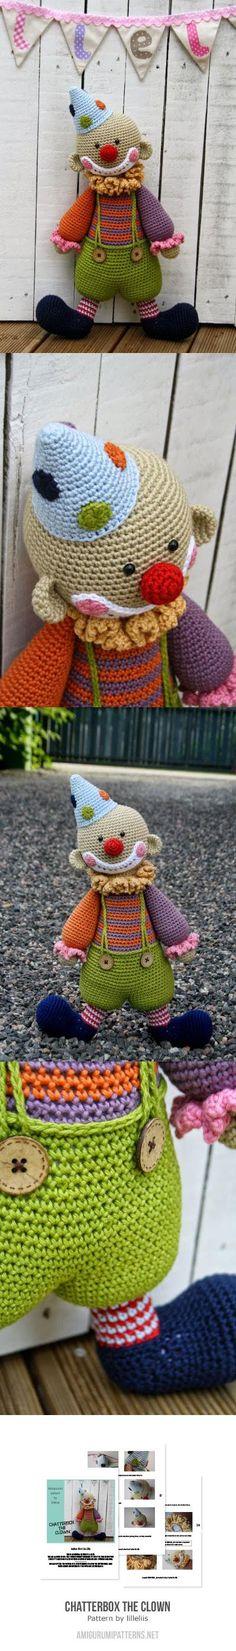 Chatterbox The Clown Amigurumi Pattern